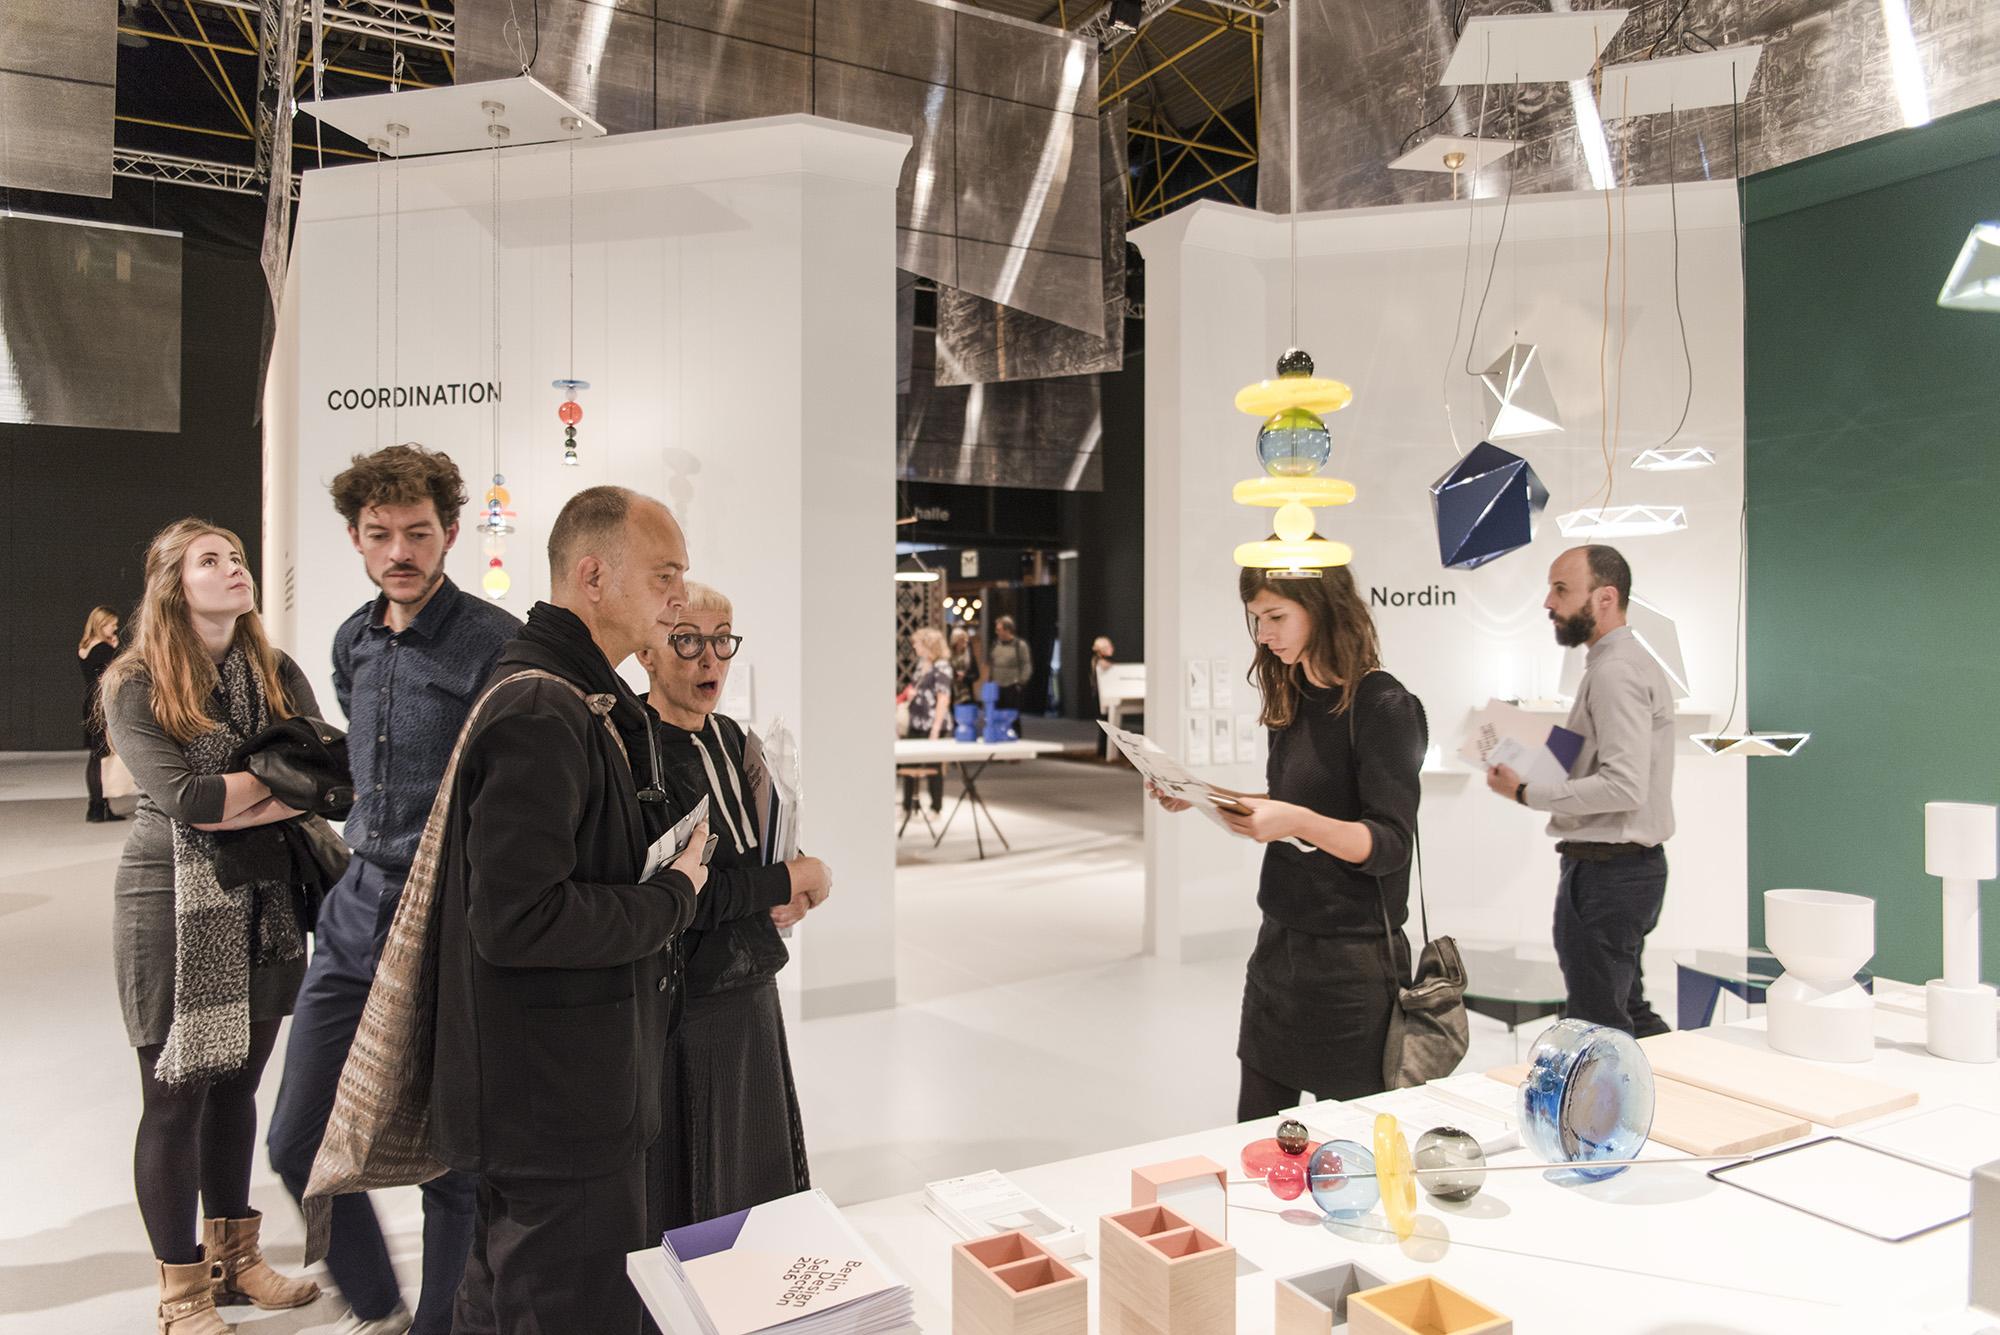 berlin-design-selection-kortrijk_tradefair-exhibition-design_coordination-berlin_10.jpg